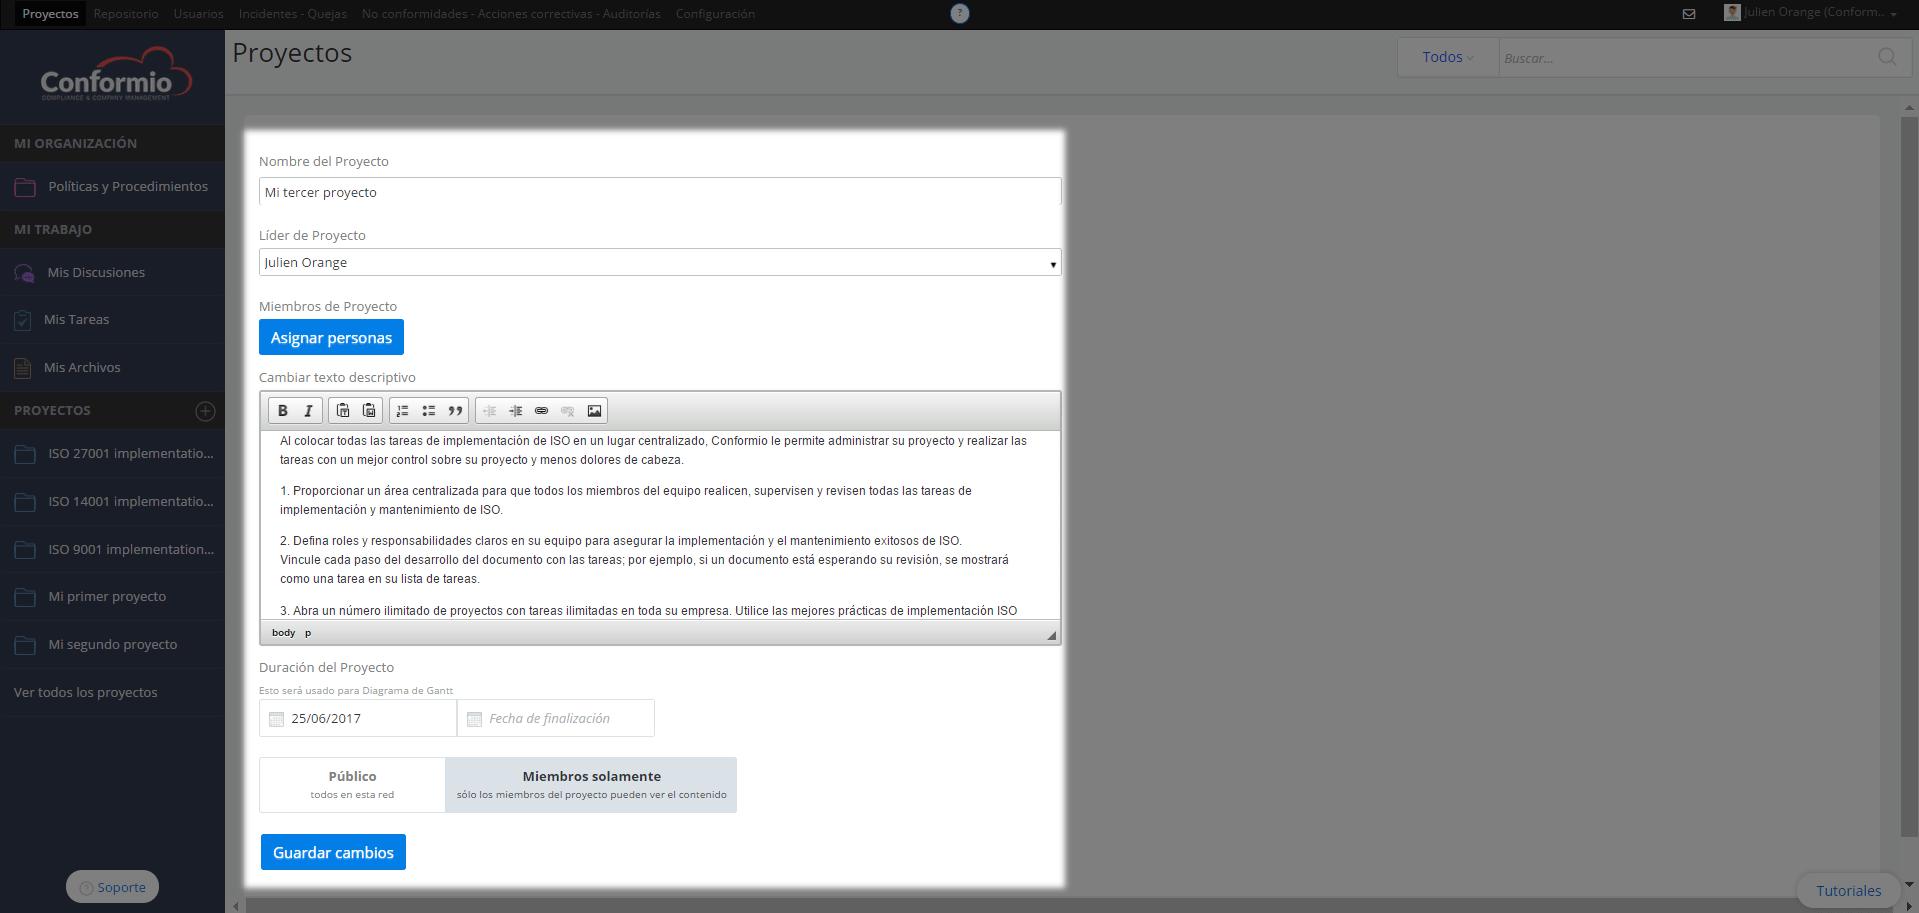 Añadir un proyecto - Centro de soporte